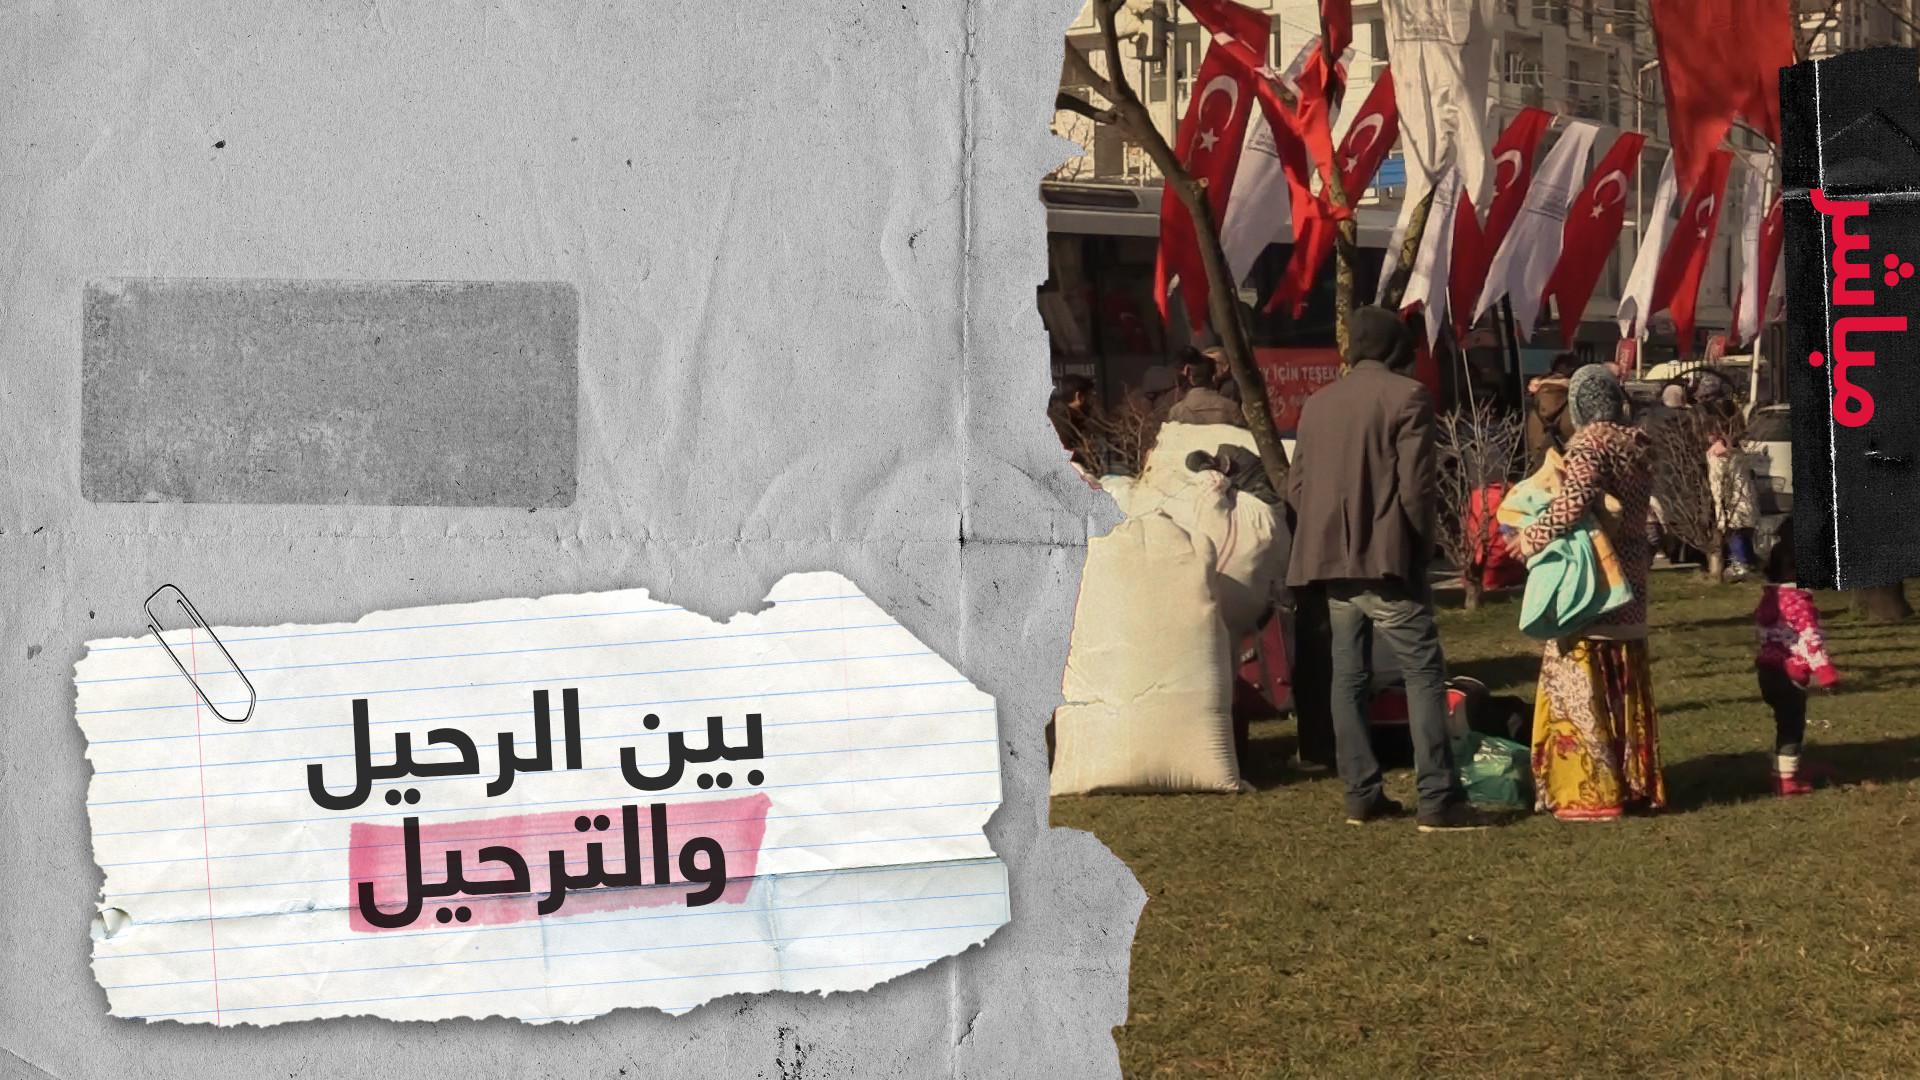 بين الرحيل والترحيل.. مئات الآلاف من السوريين يعيشون ساعاتهم الأخيرة في اسطنبول